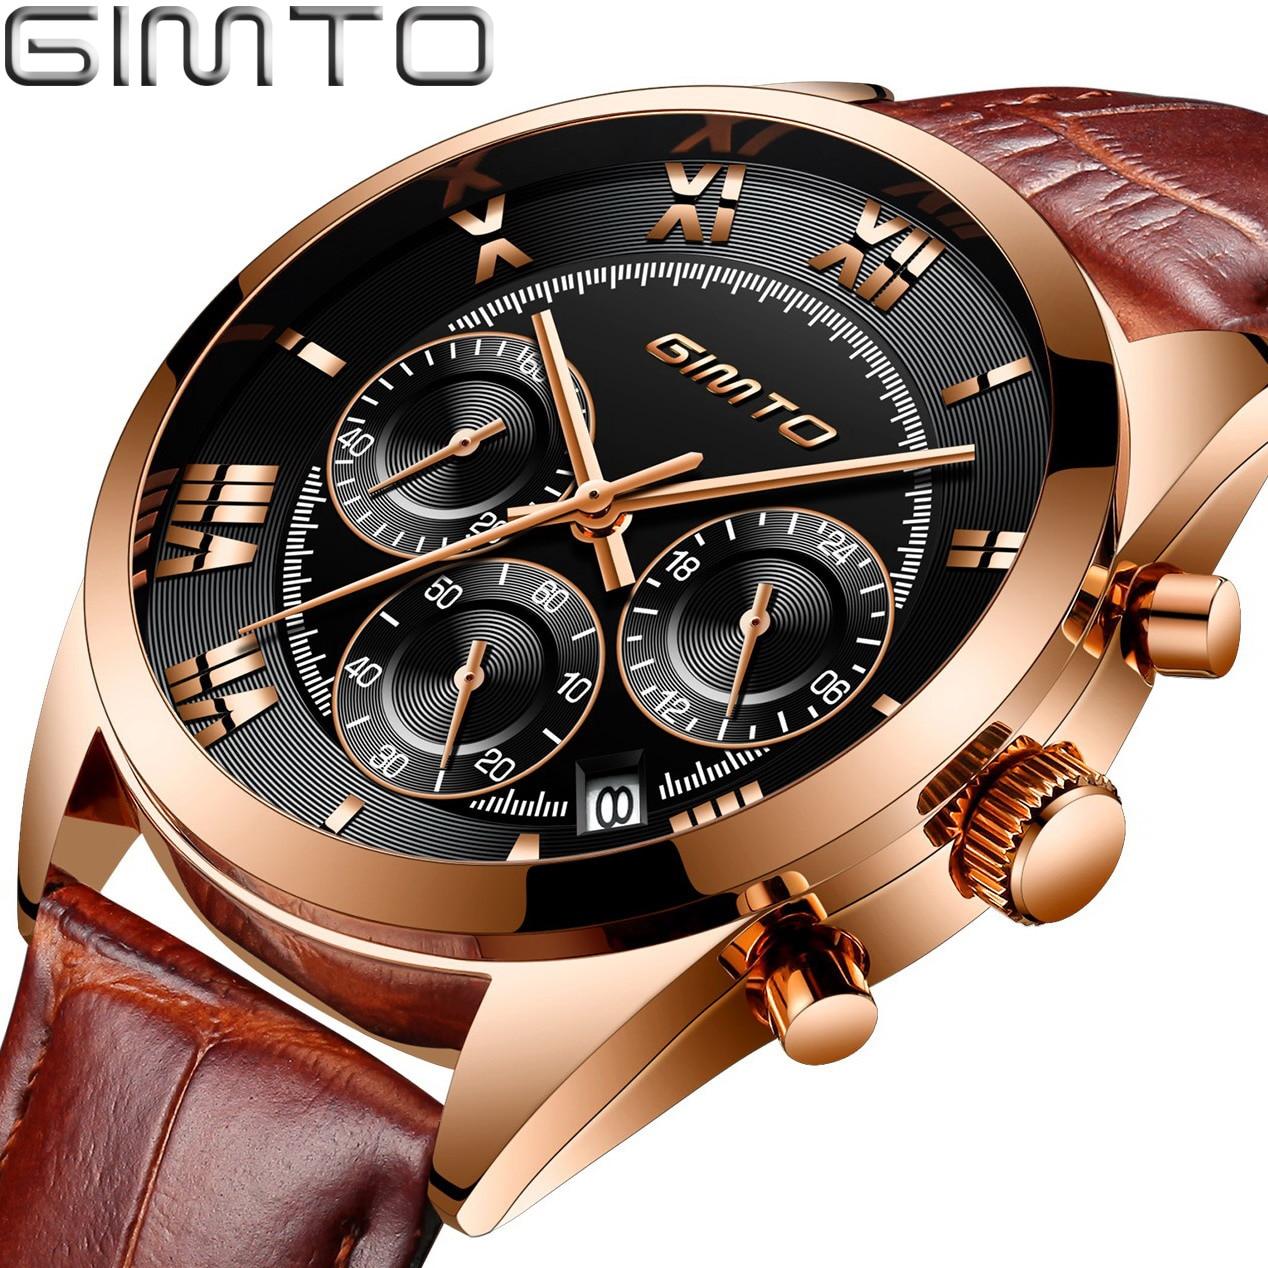 GIMTO Top Marke Gold Uhr Männer 2018 Neue Leder Männlichen Uhr Römischen Vintage Casual Armee Militär Uhren Sport Wasserdichte Relogio